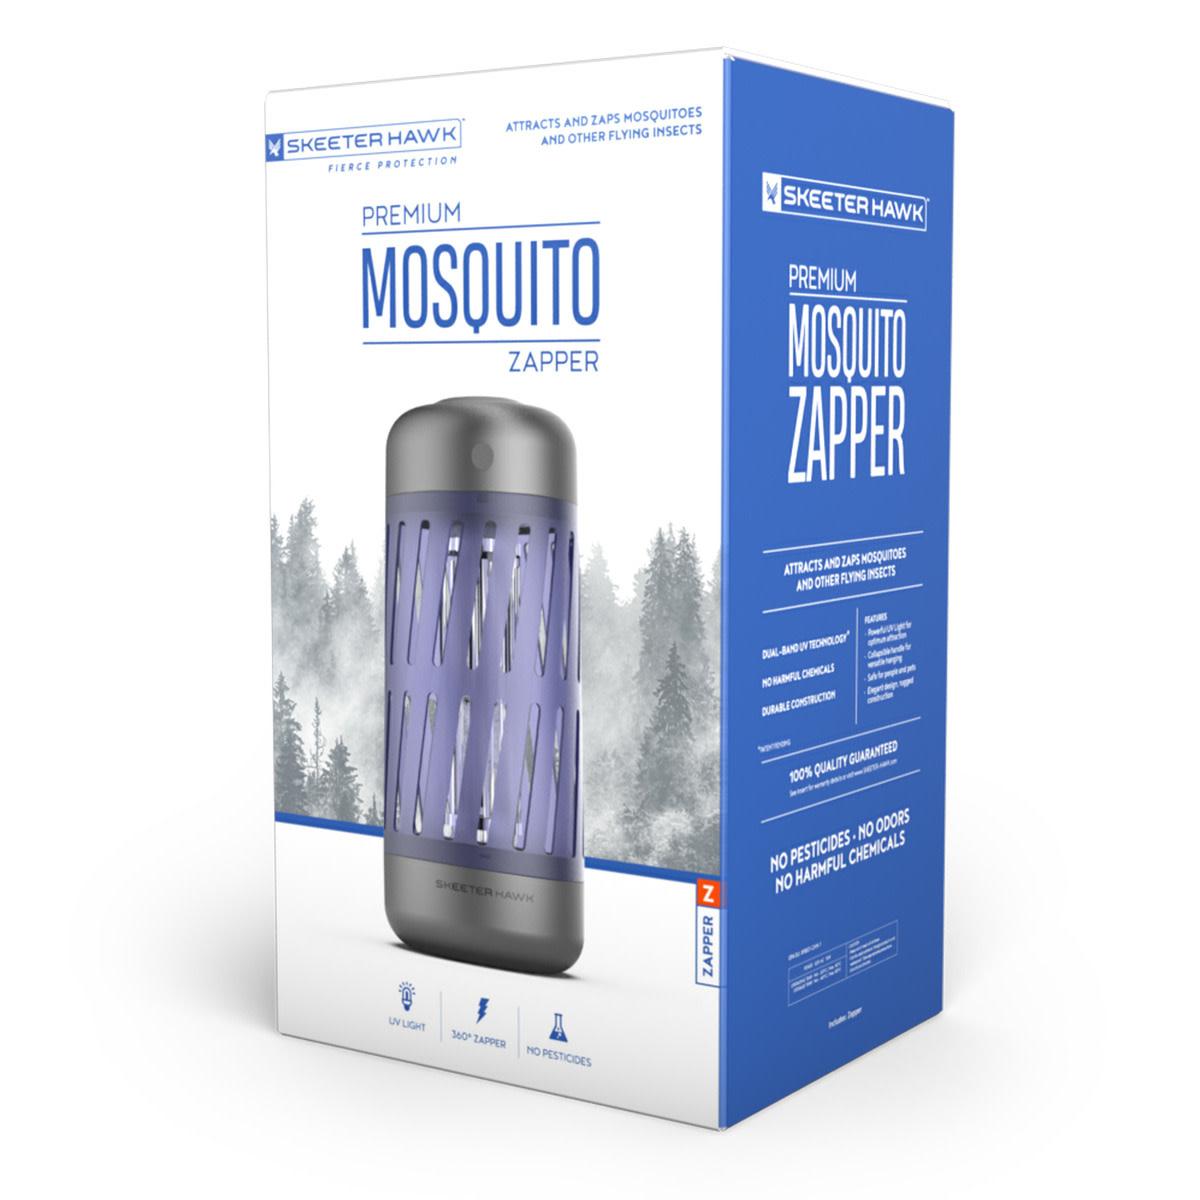 Skeeter Hawk Premium Mosquito Zapper